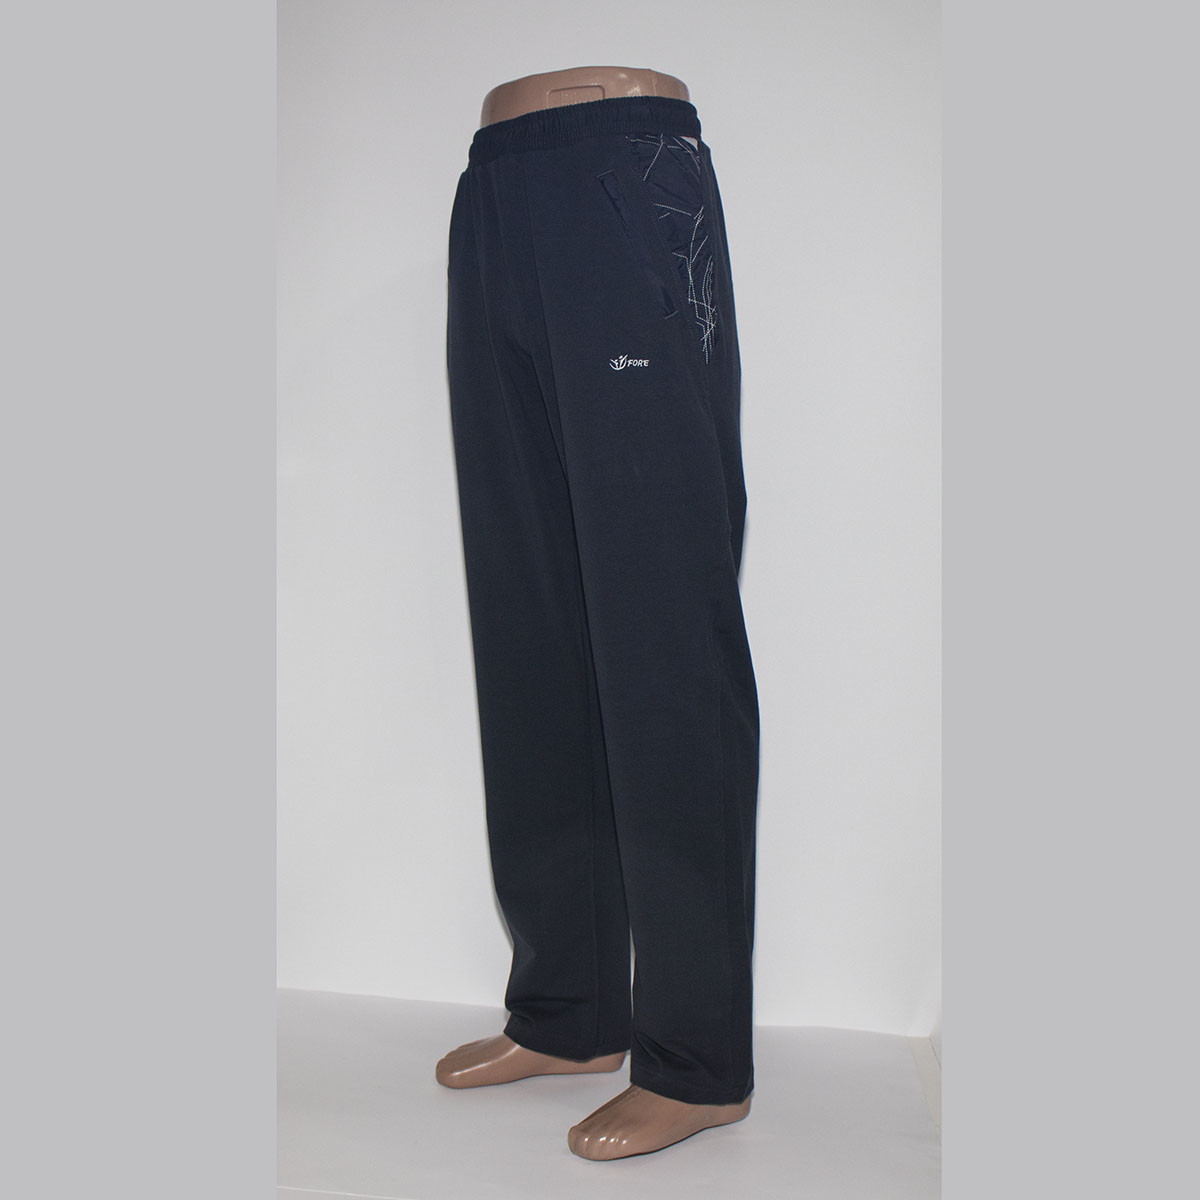 8fe085038 Мужские спортивные брюки по низким ценам тм. FORE арт.9049 оптом и в ...